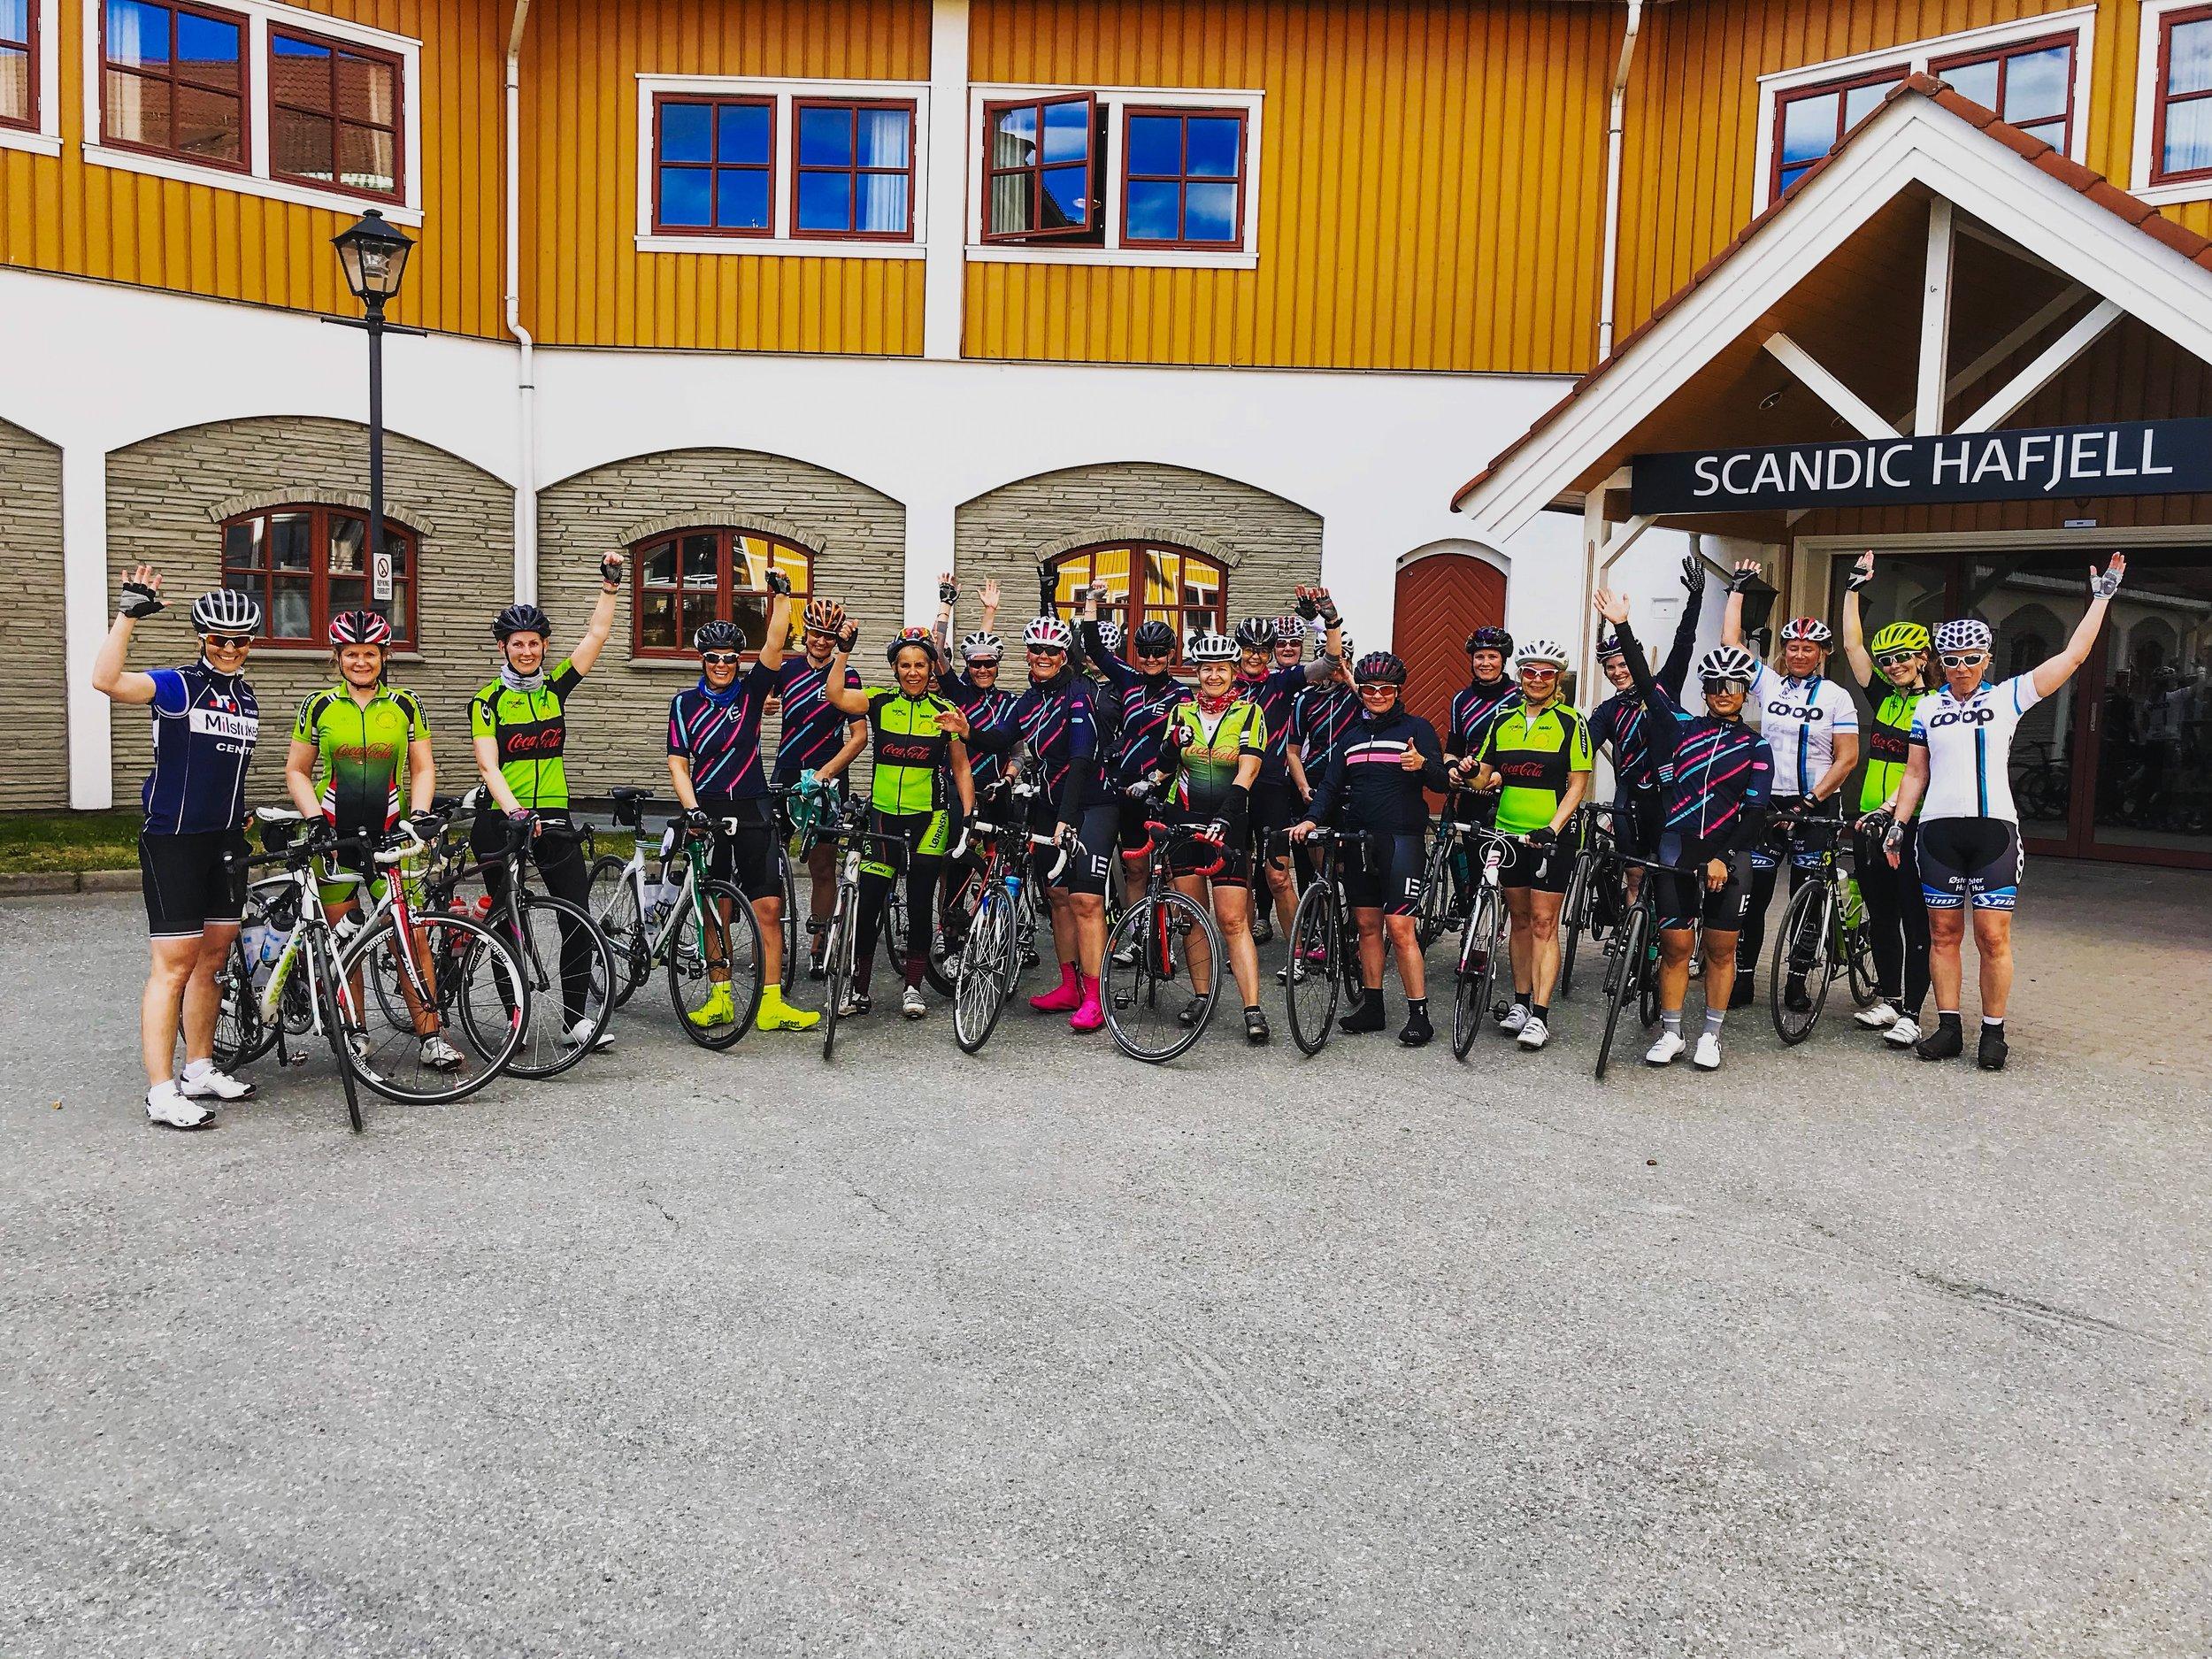 Alle damene vel fremme ved Scandic Hafjell. Foto: Henrik Bering/Ladies Edition